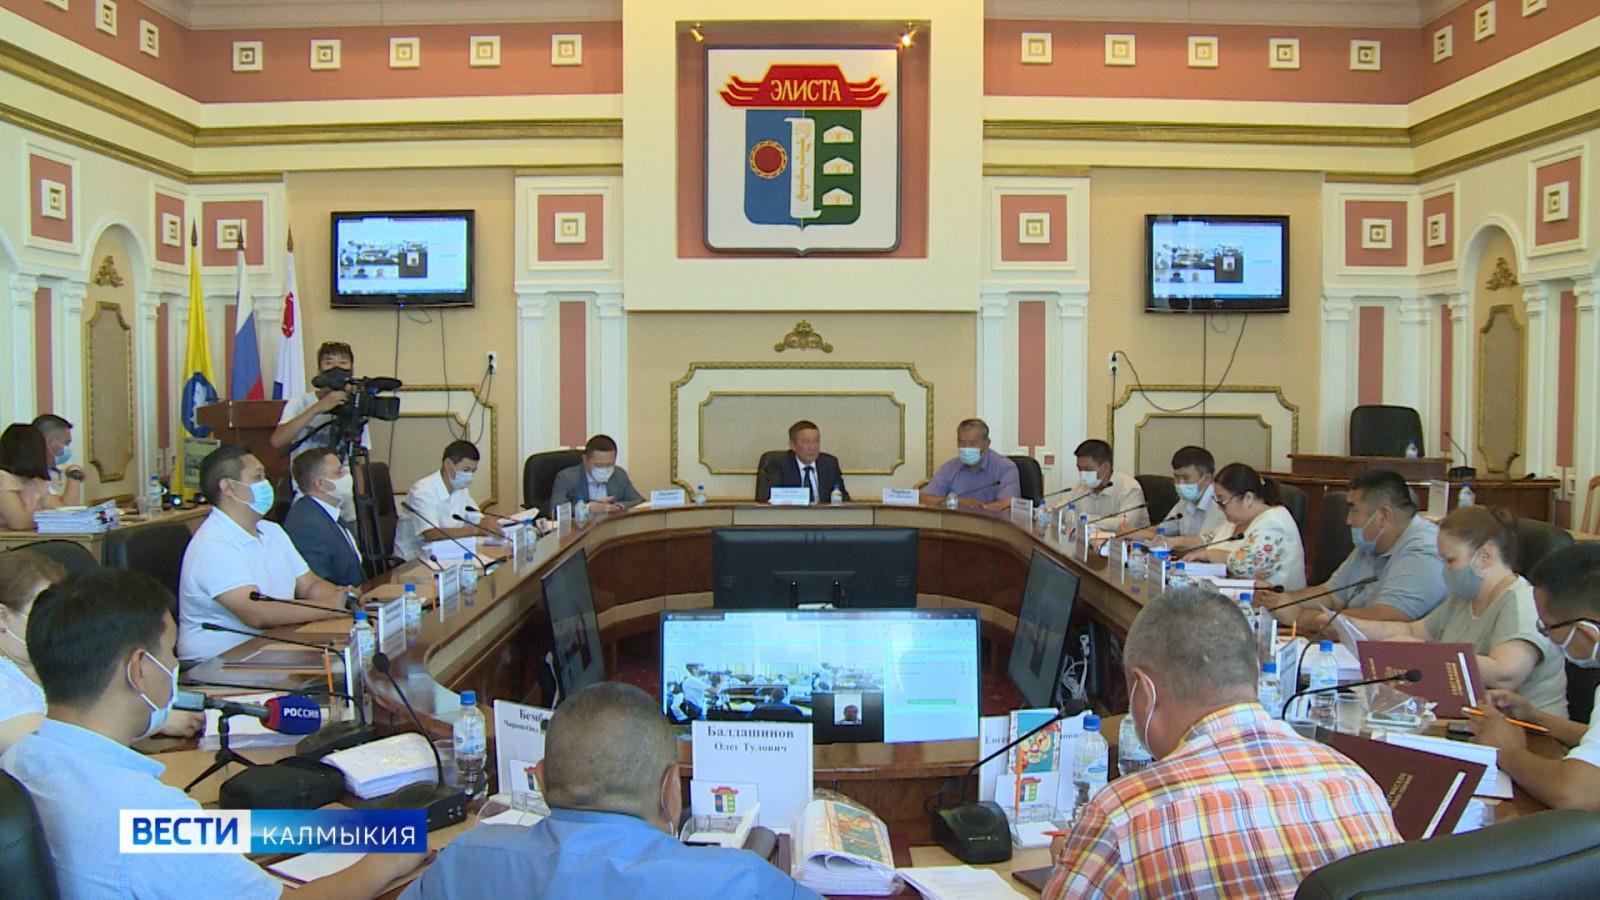 Более, чем на 630 миллионов рублей увеличена доходная часть бюджета столицы